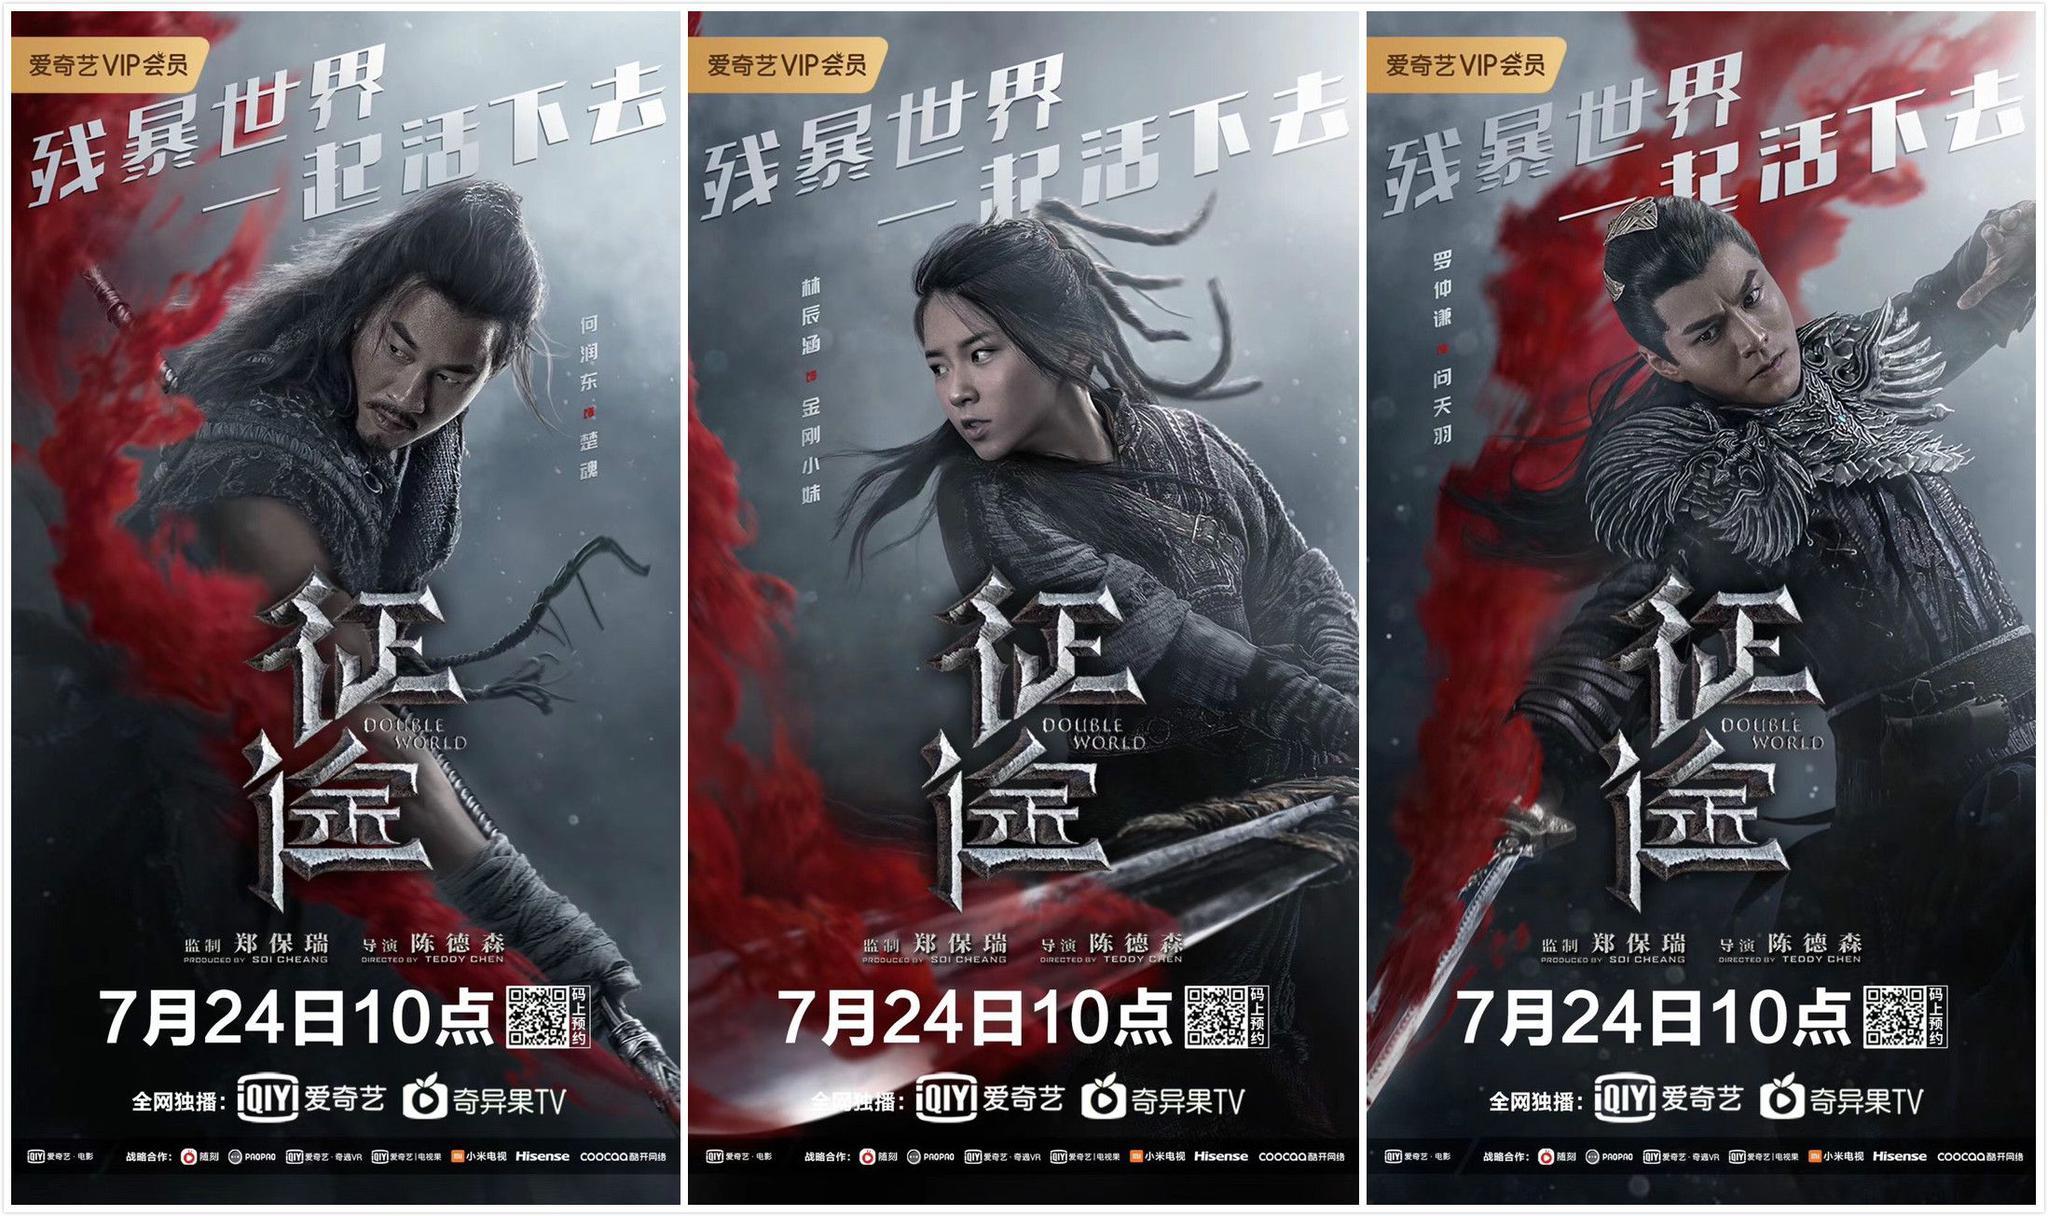 【杏悦】征途发布角色海报奈飞购入海外海外杏悦版权图片